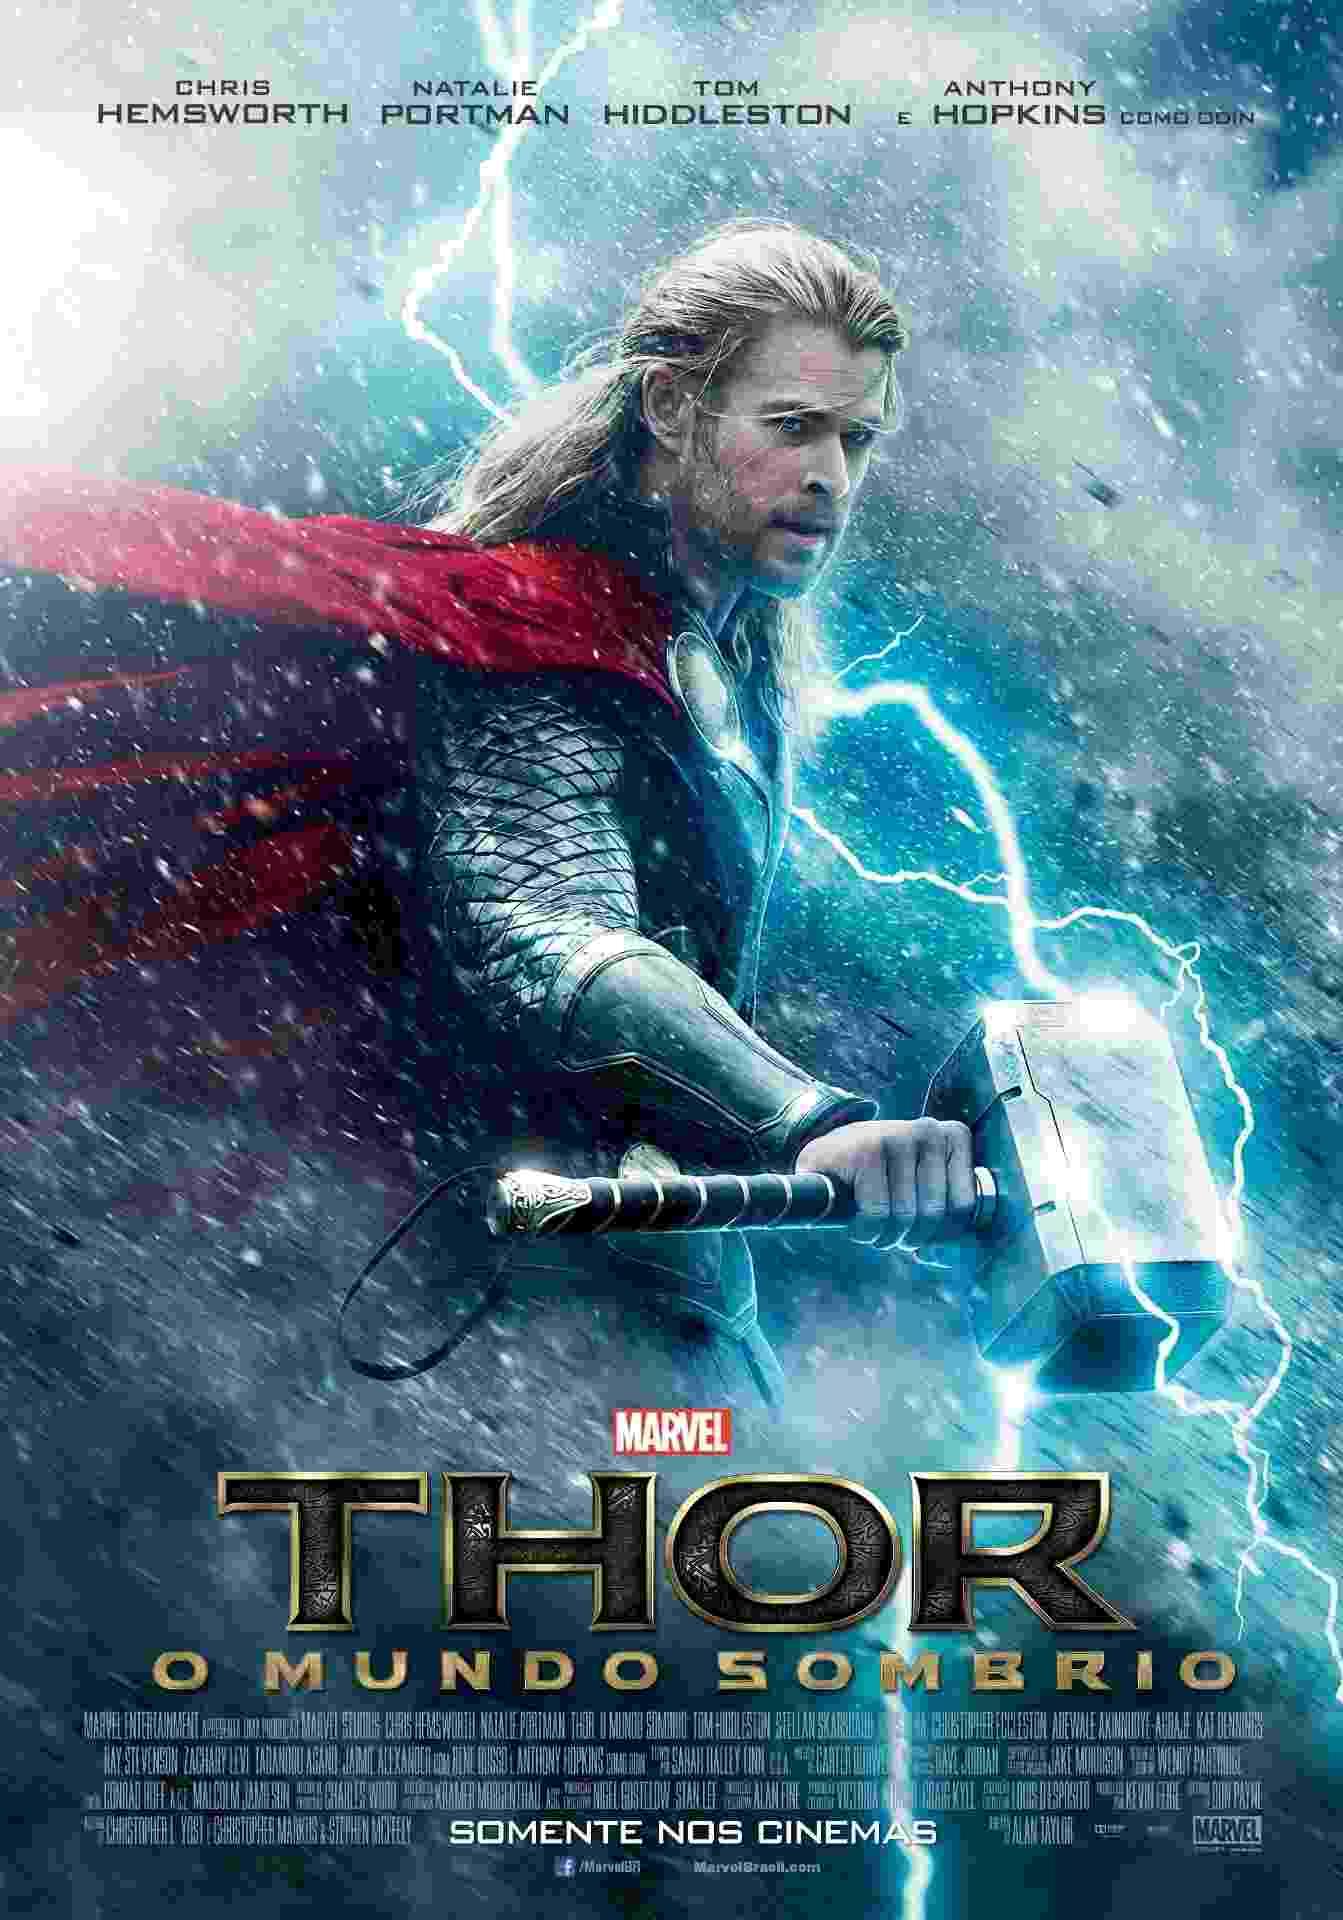 """Primeiro pôster brasileiro do filme """"Thor: O Mundo Sombrio"""" - Divulgação / Disney"""